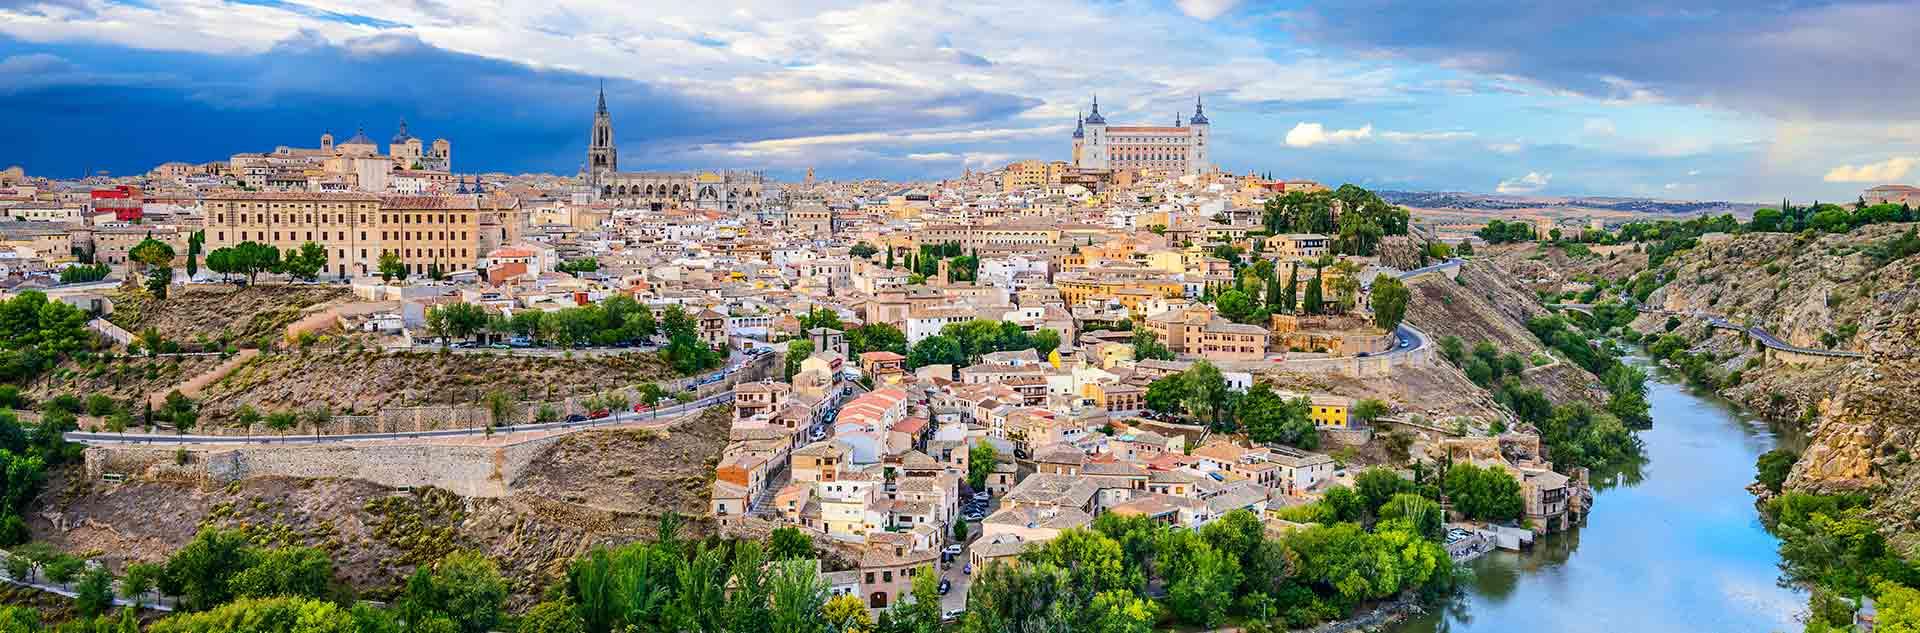 Vistas panoramicas de Toledo con el rio Tajo